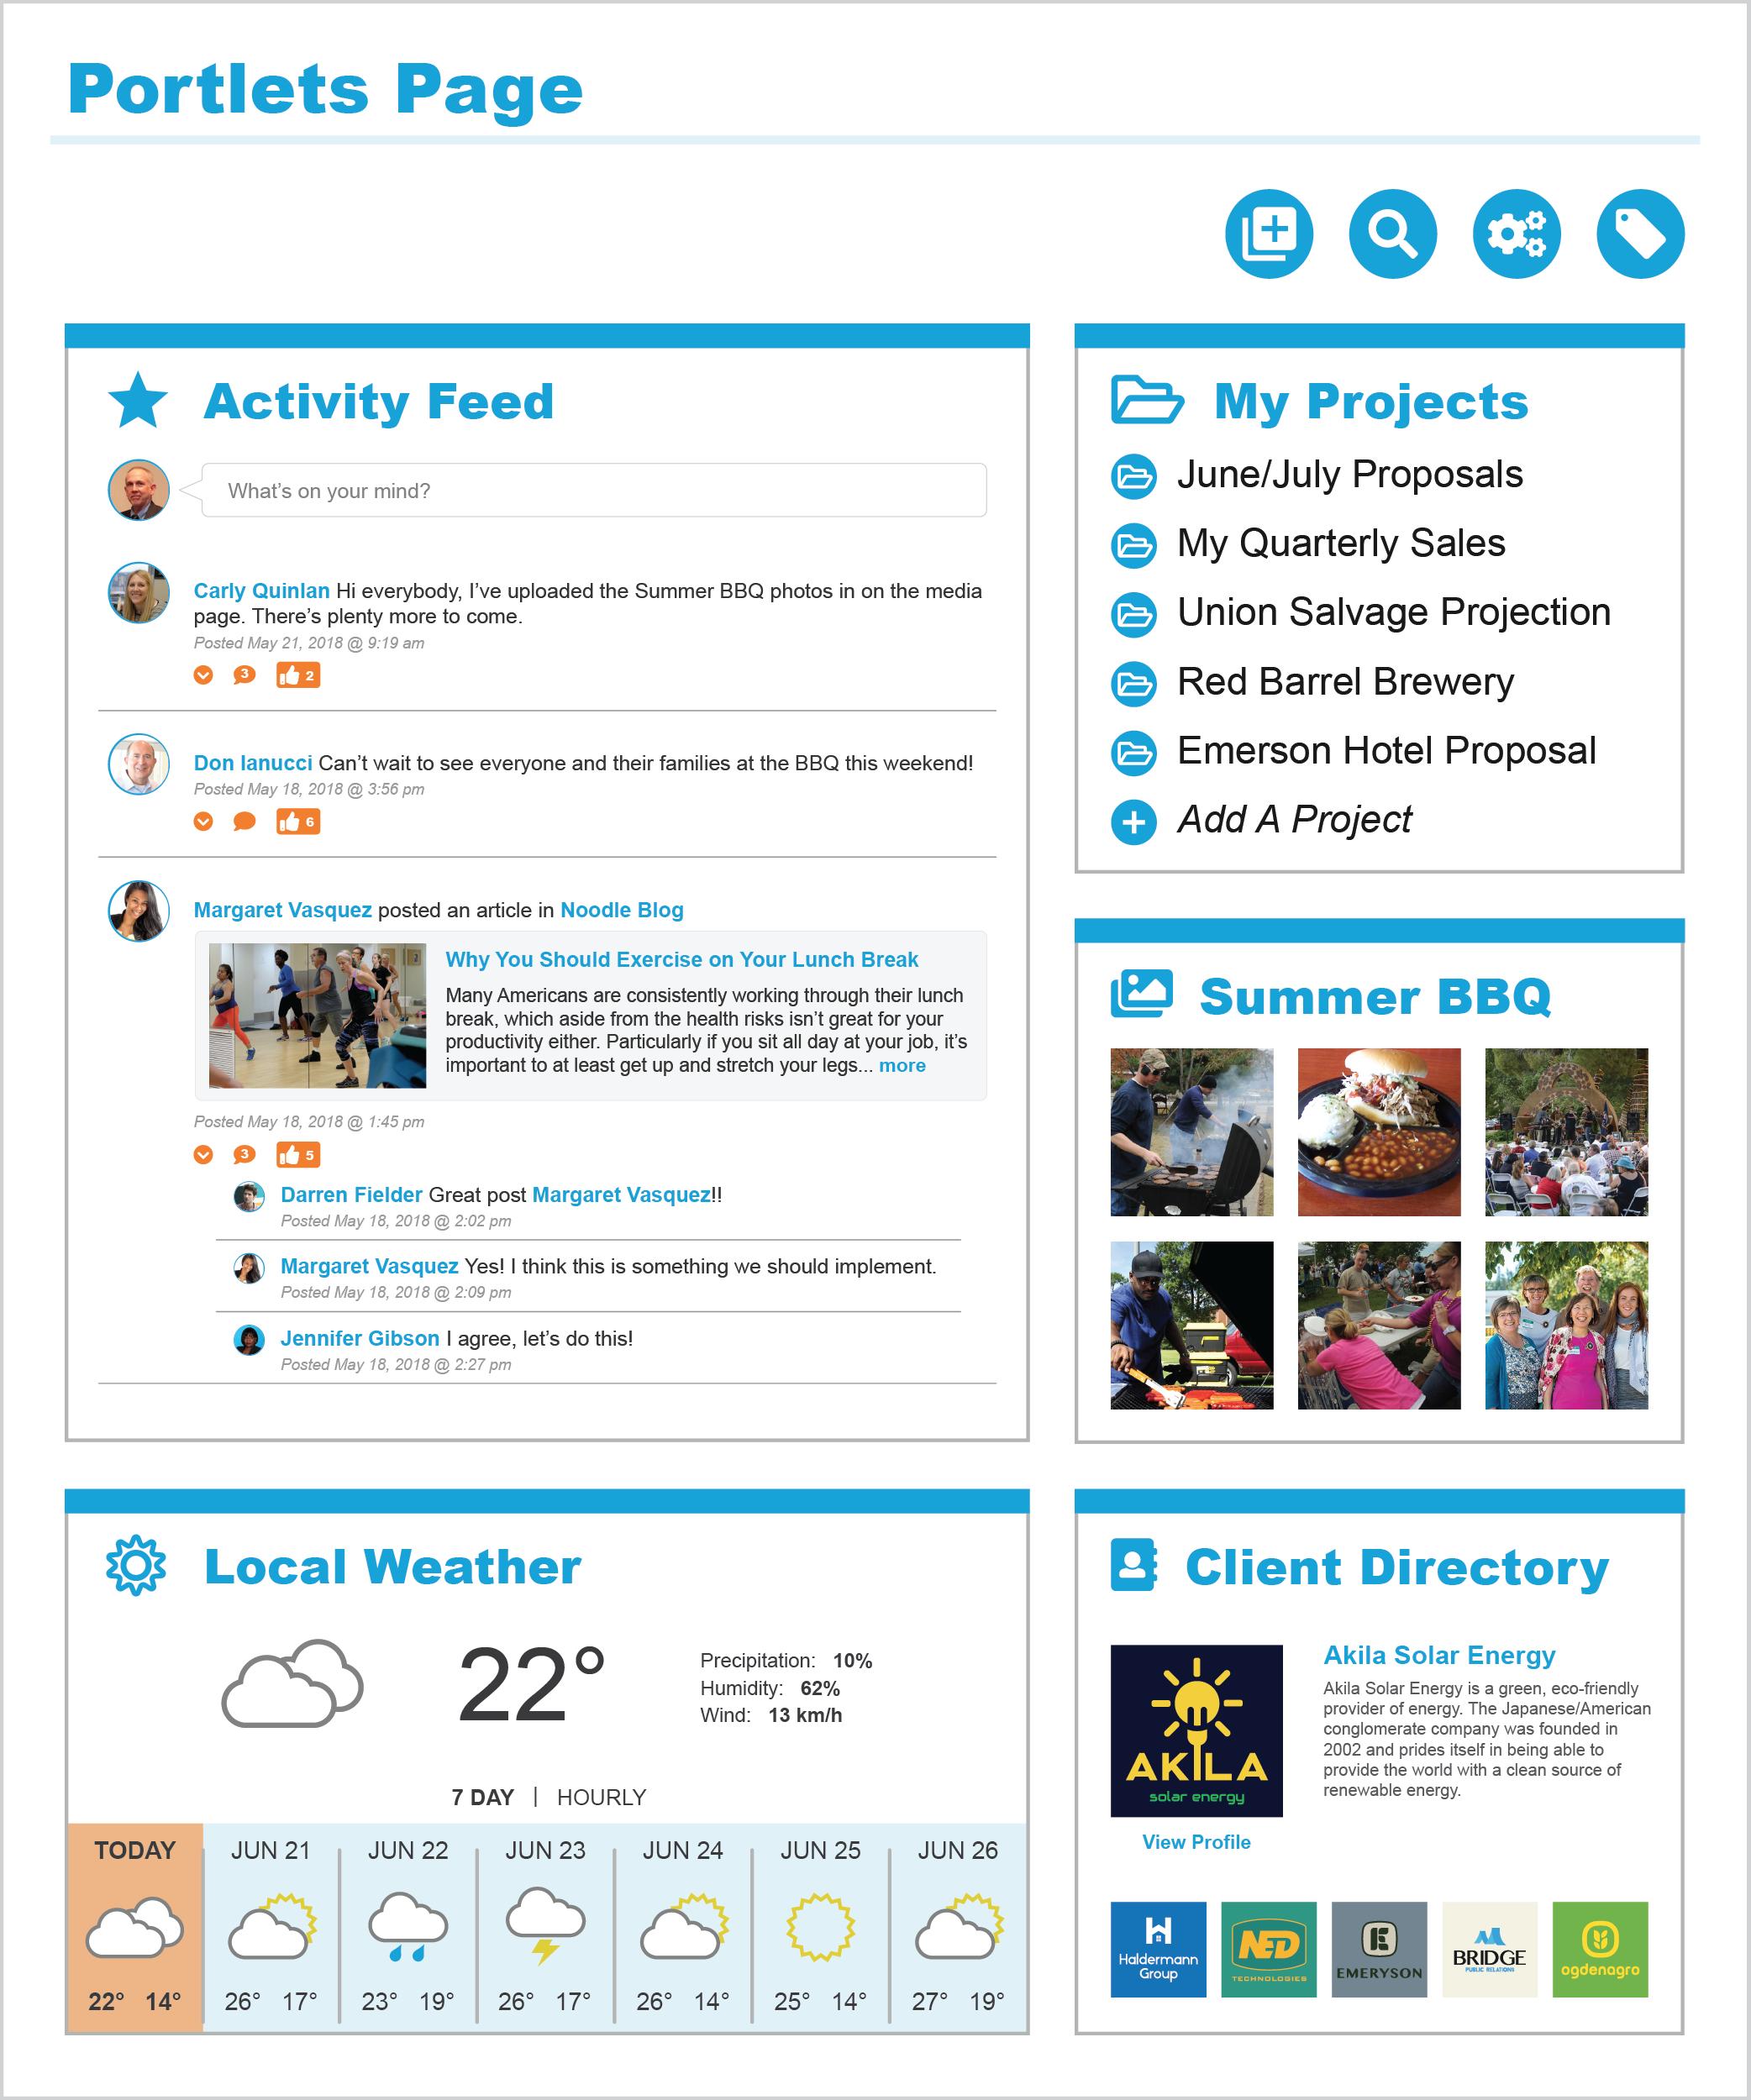 Company Portal Page